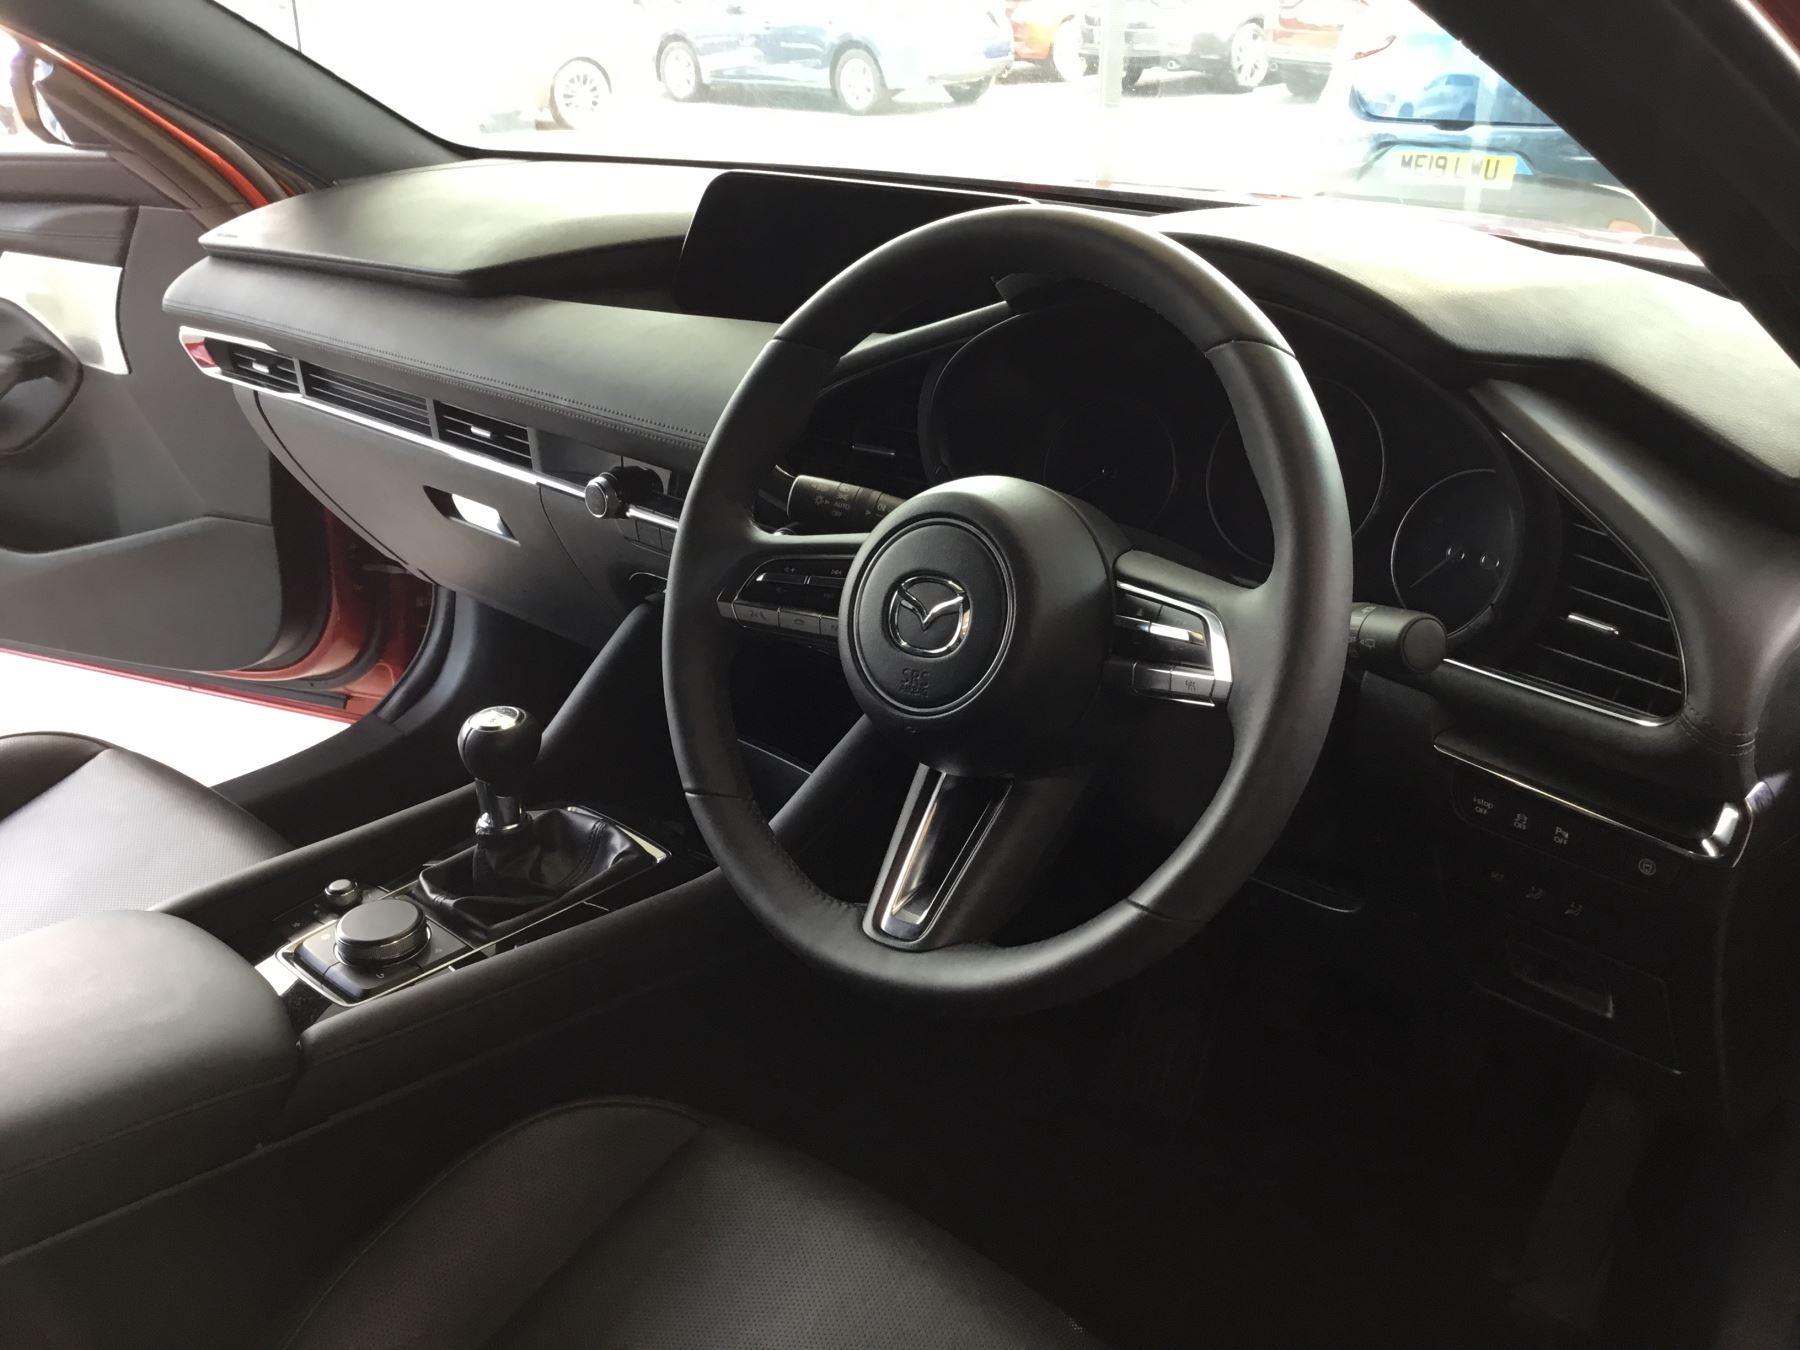 Mazda 3 2.0 GT Sport 5dr image 11